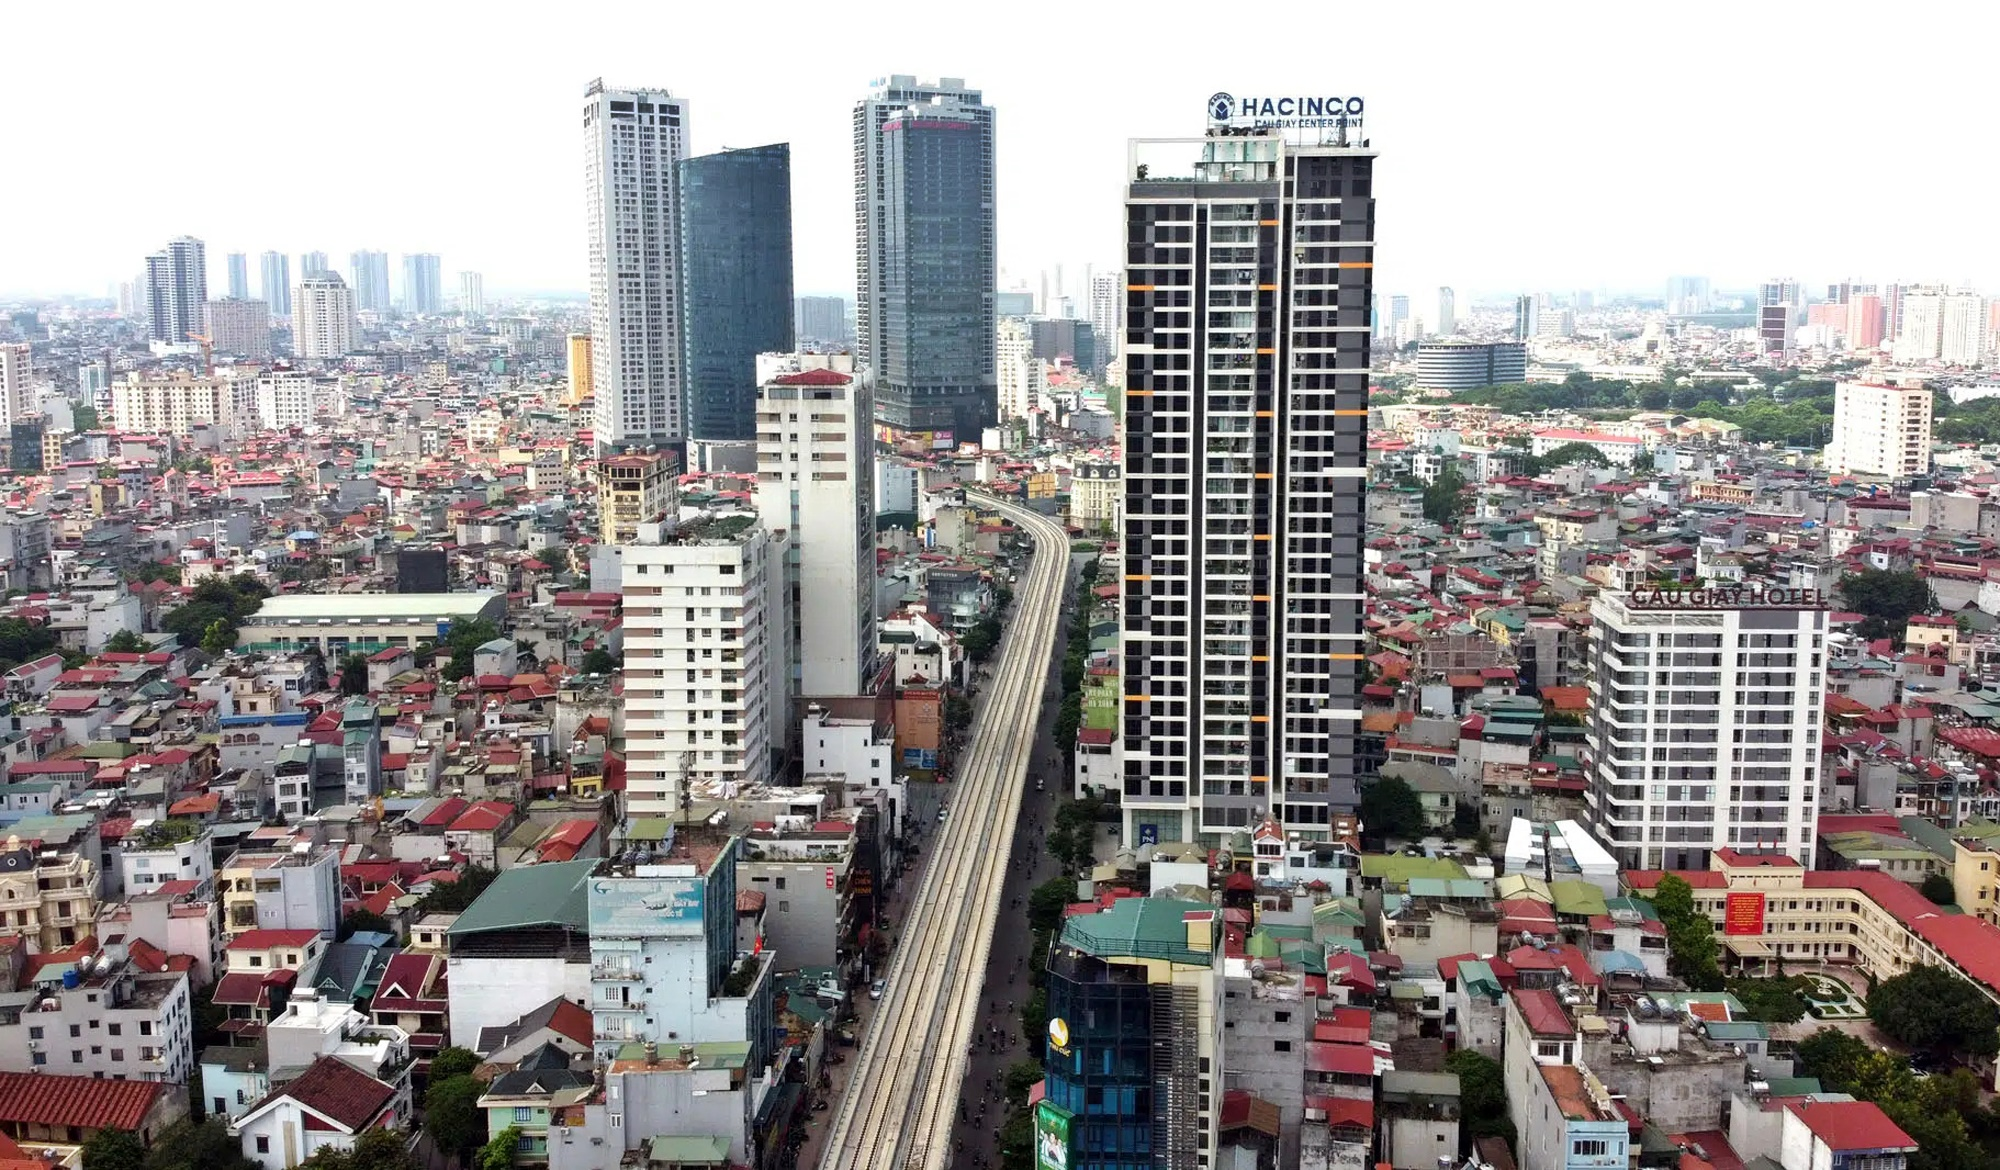 Việt Nam sẽ có thêm hơn 230.000 ha đất phát triển hạ tầng trong 5 năm tới - Ảnh 1.